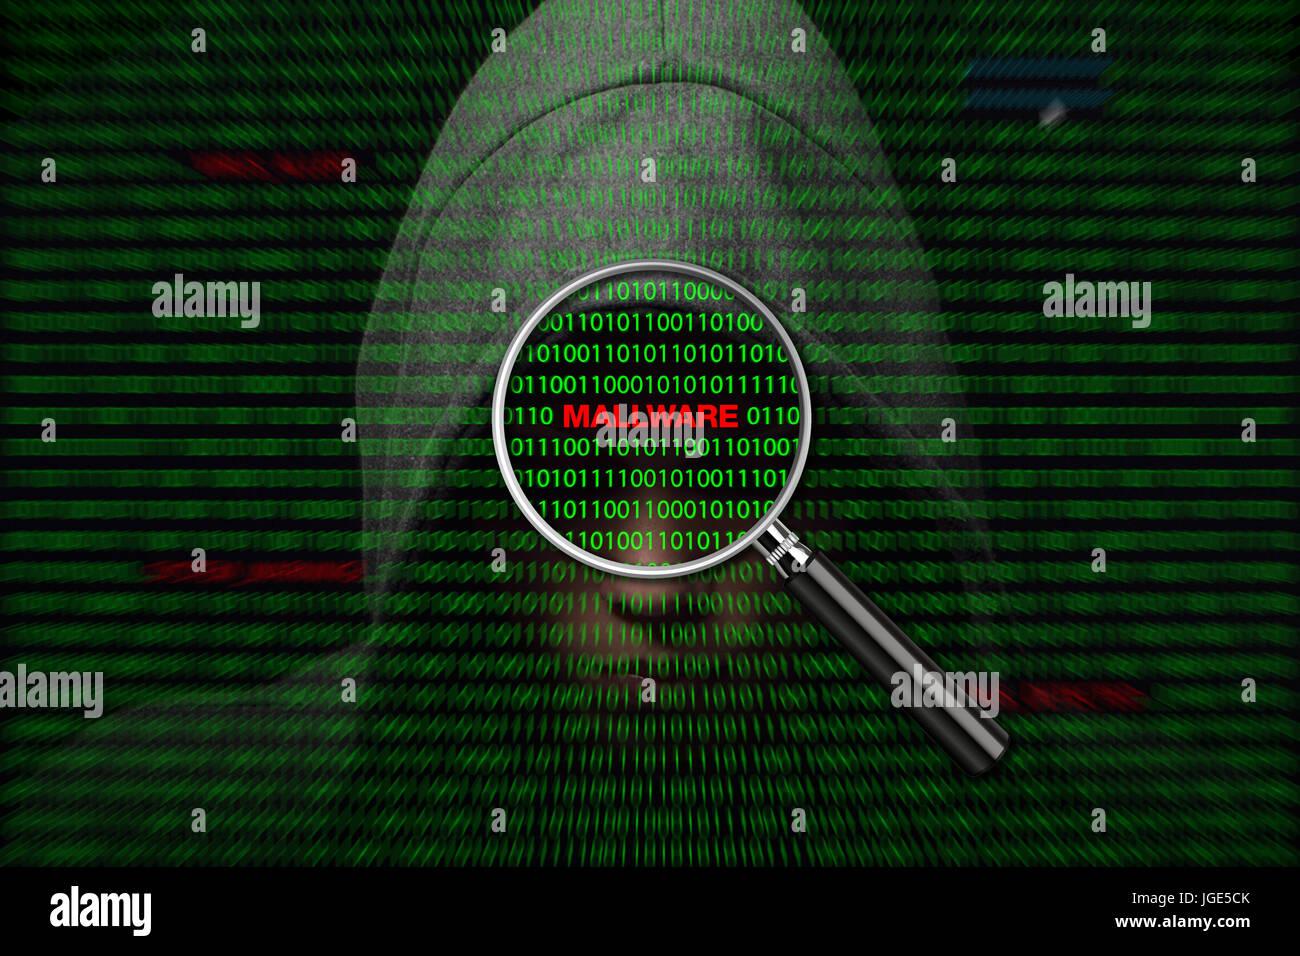 Hacker a través de una pantalla con código binario y mallware mensajes de advertencia Imagen De Stock